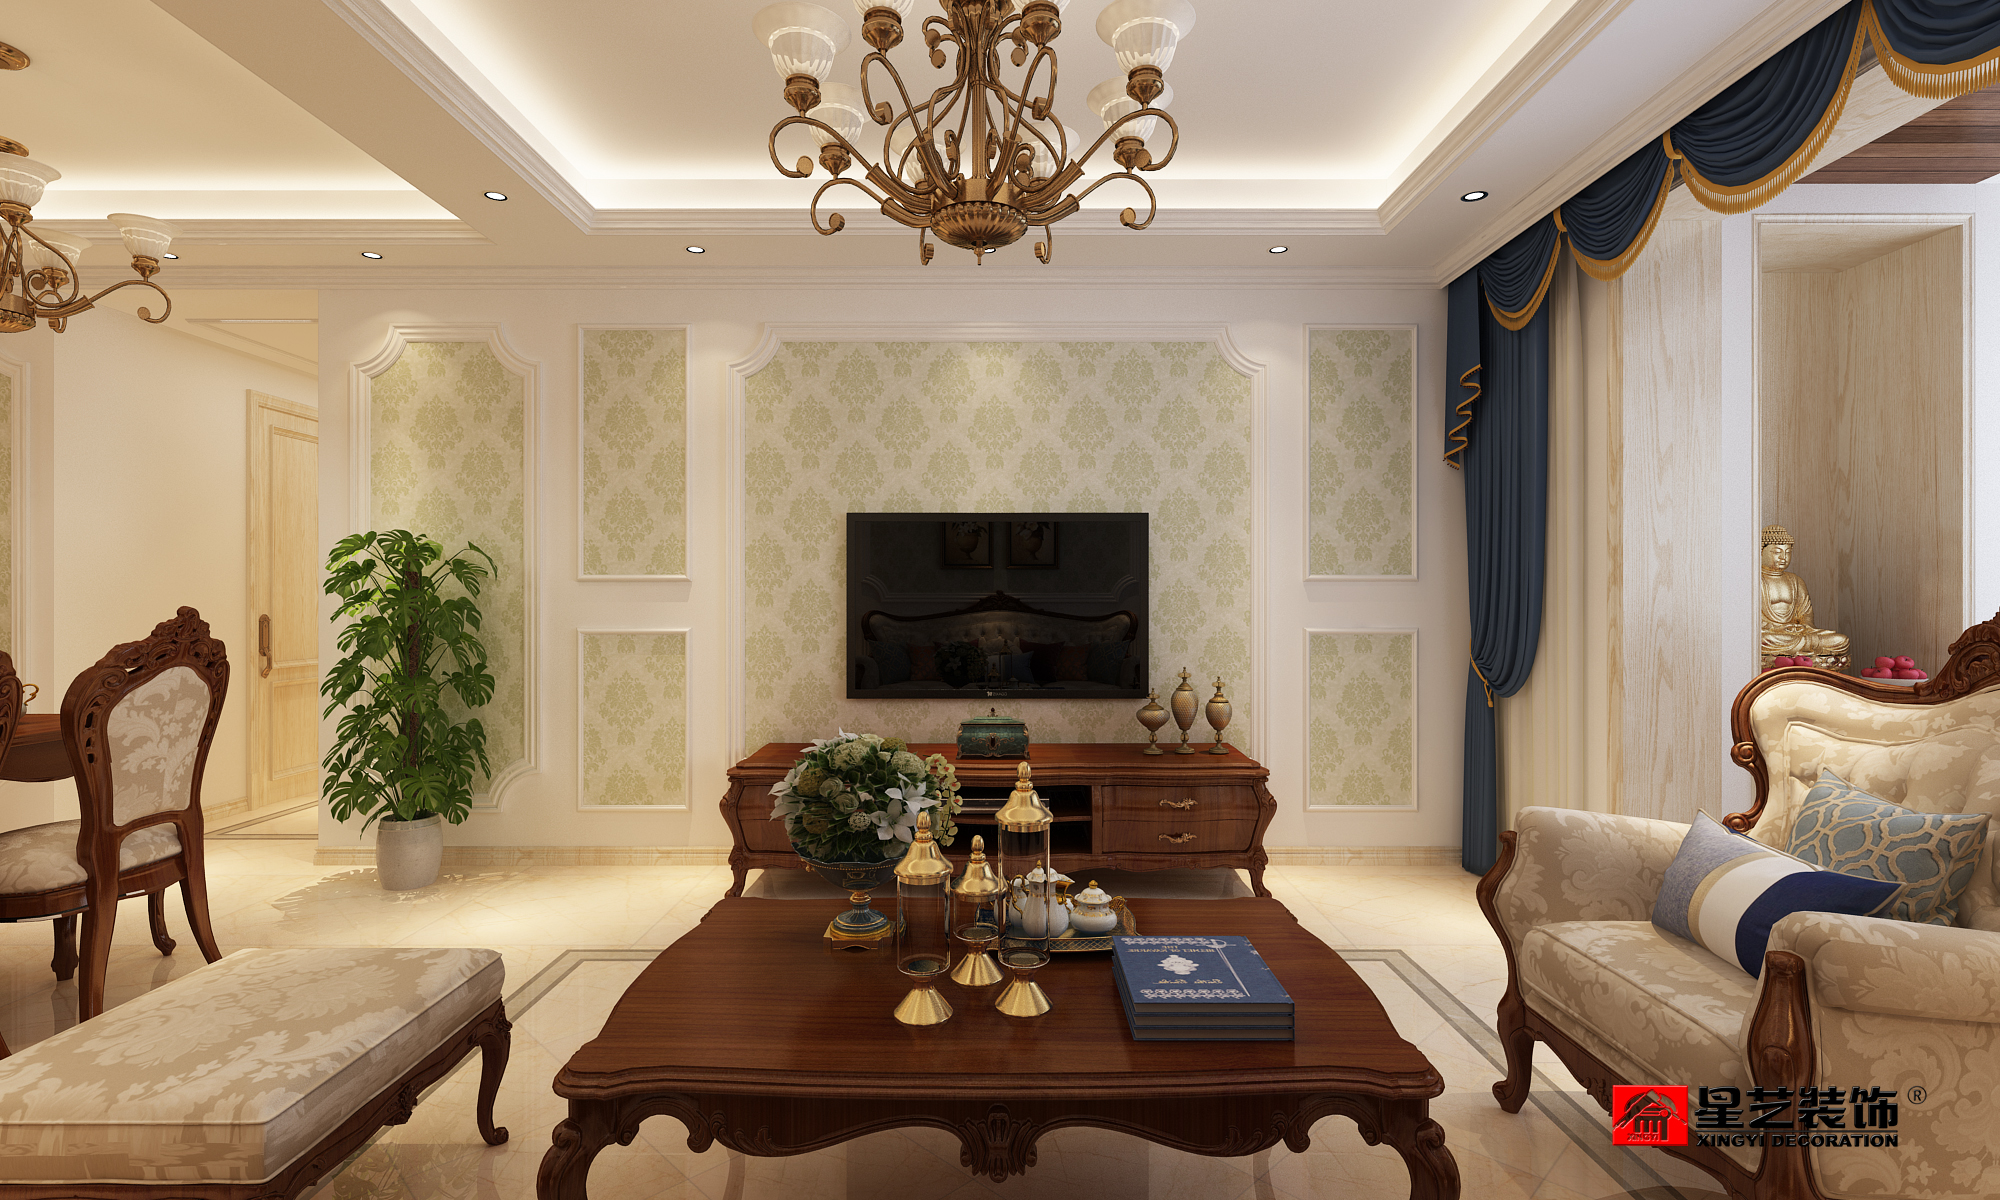 大连紫御观邸,欧式风格,大连装修设计,大连装修案例,大连装修效果图,大连装修设计方案